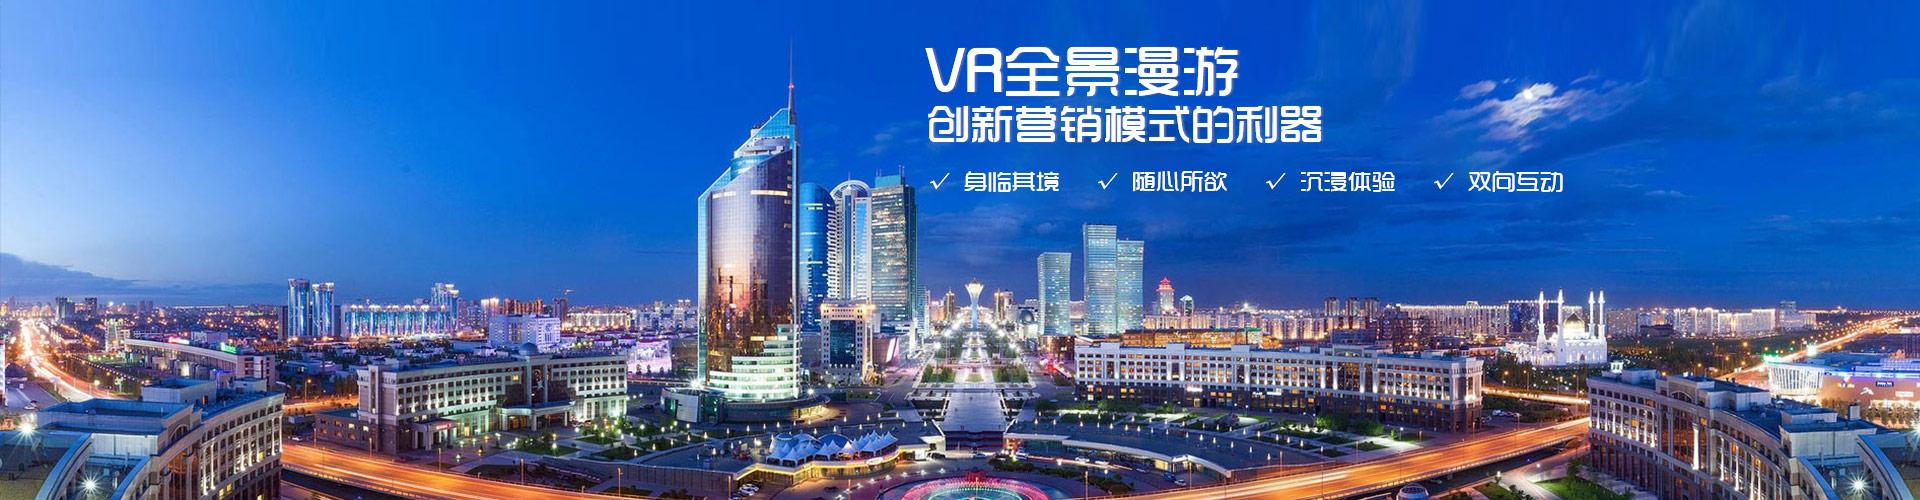 朗晟-VR全景漫游